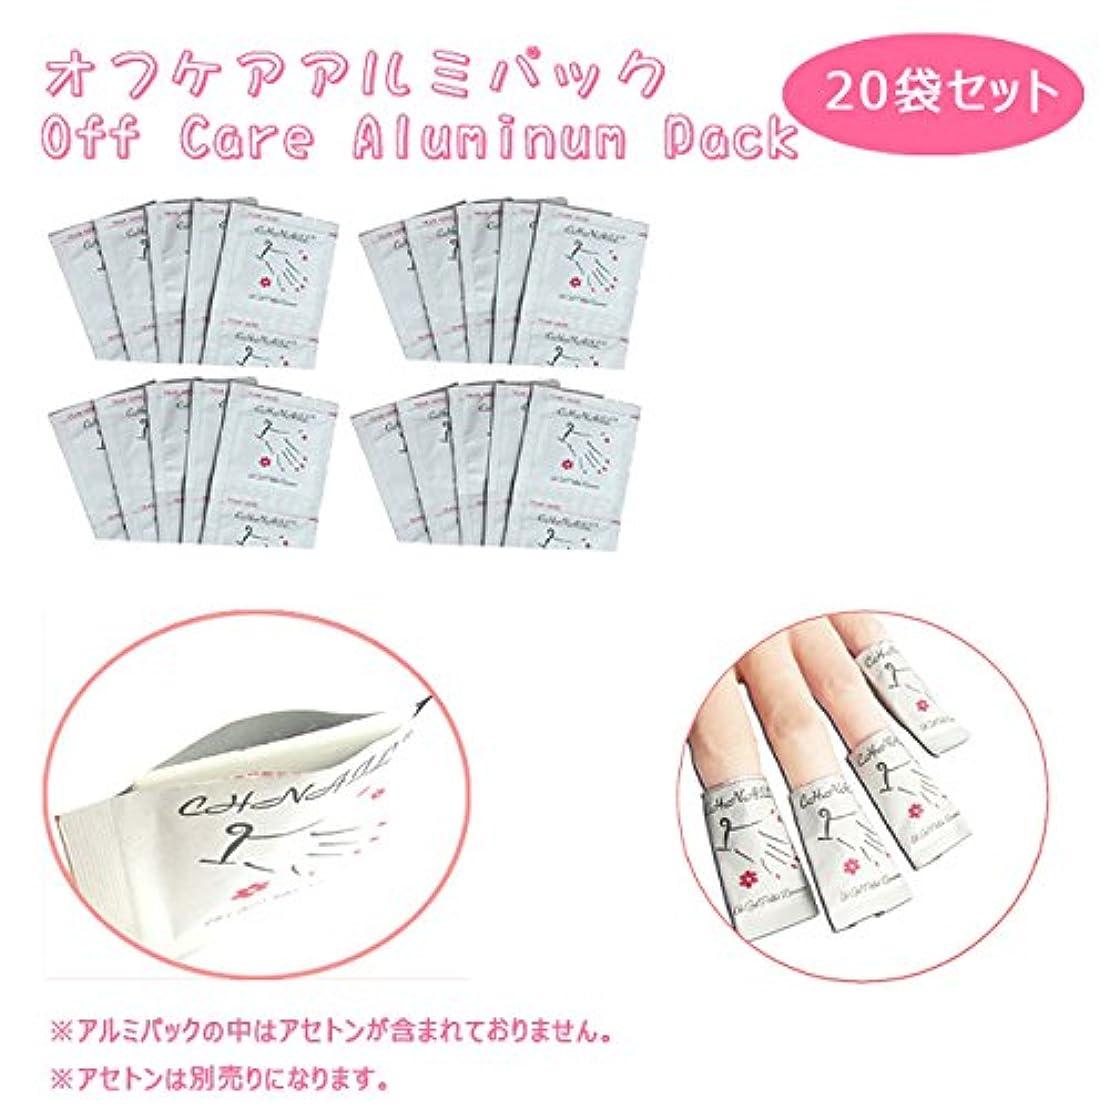 小石完璧支店オフケアアルミパック/Off Care Aluminum Pack★20袋 (20袋)